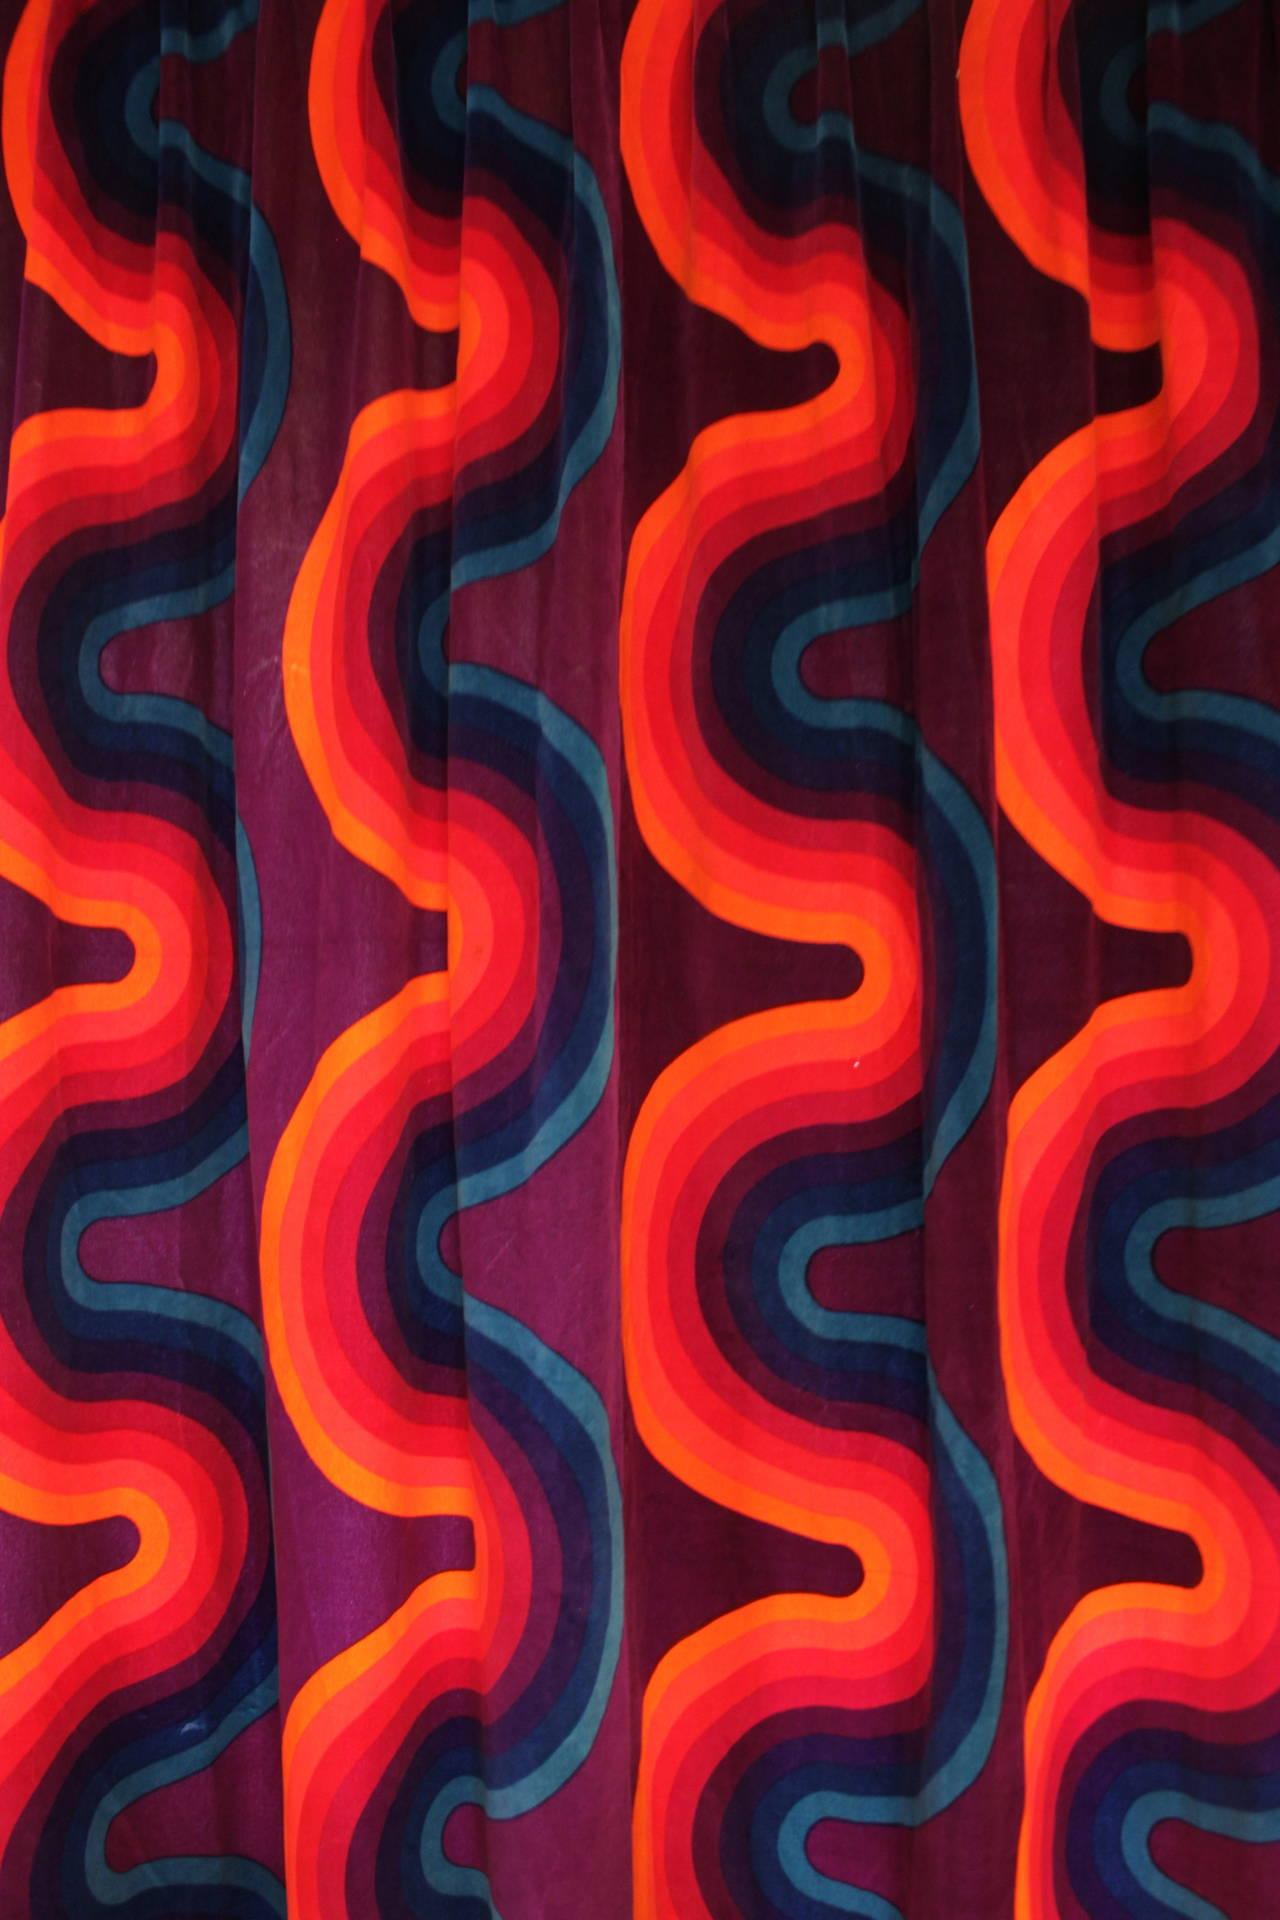 Curve Mira X, 1969-1974 by Verner Panton